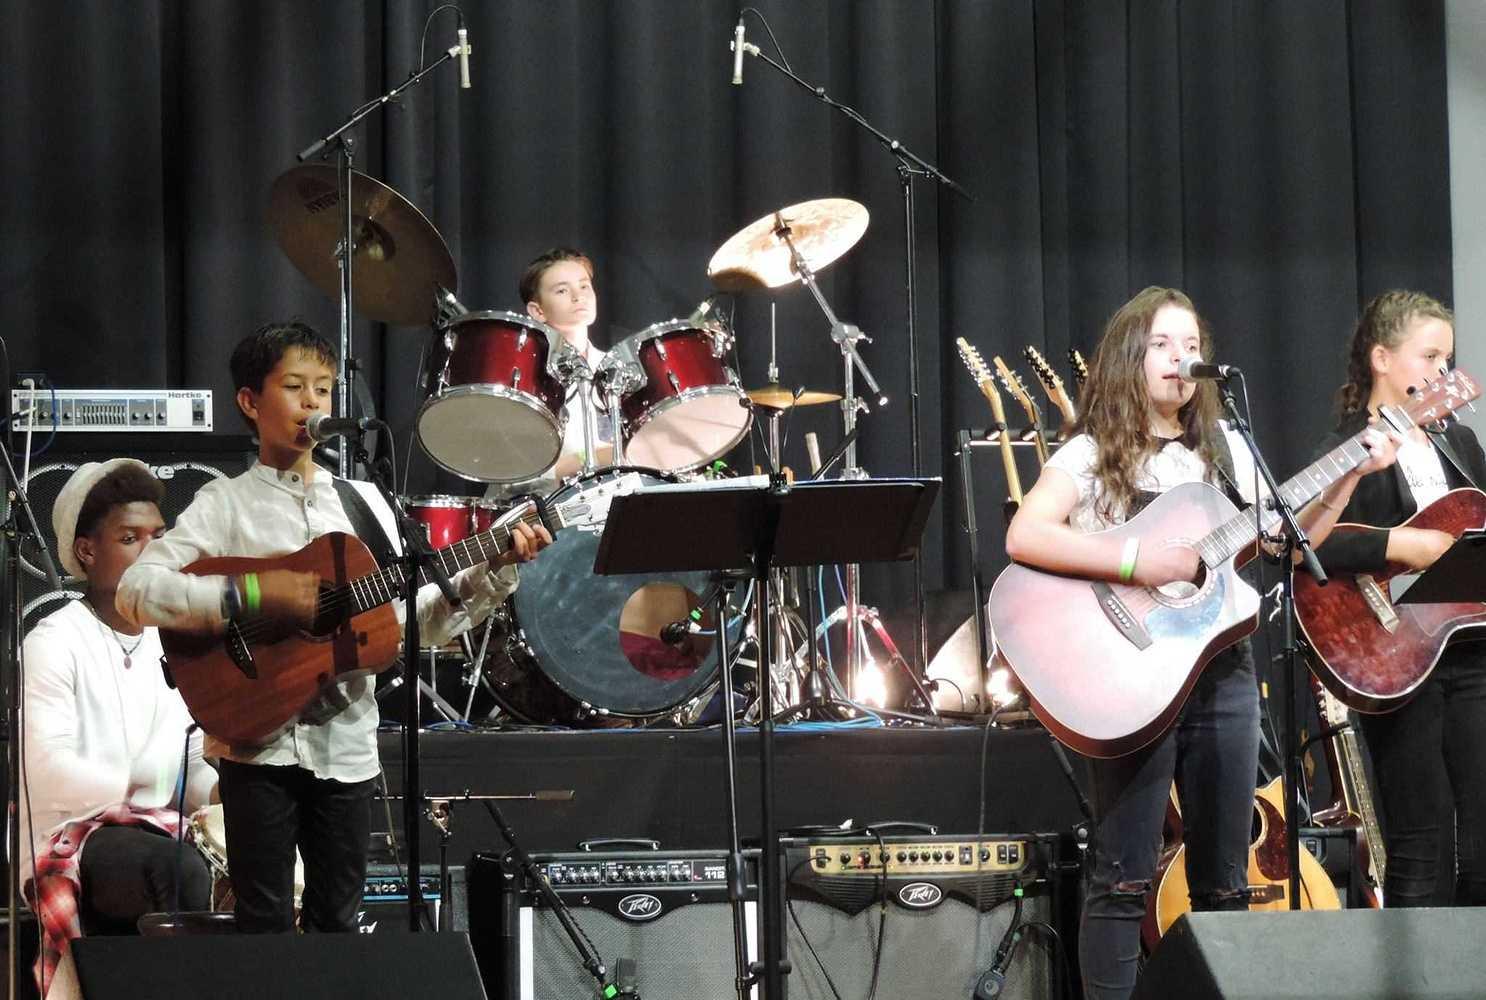 Ecole de Guitare - Concert - 29 juin 2017 - Salle des fêtes 194887545614132875798634069529471682246926o